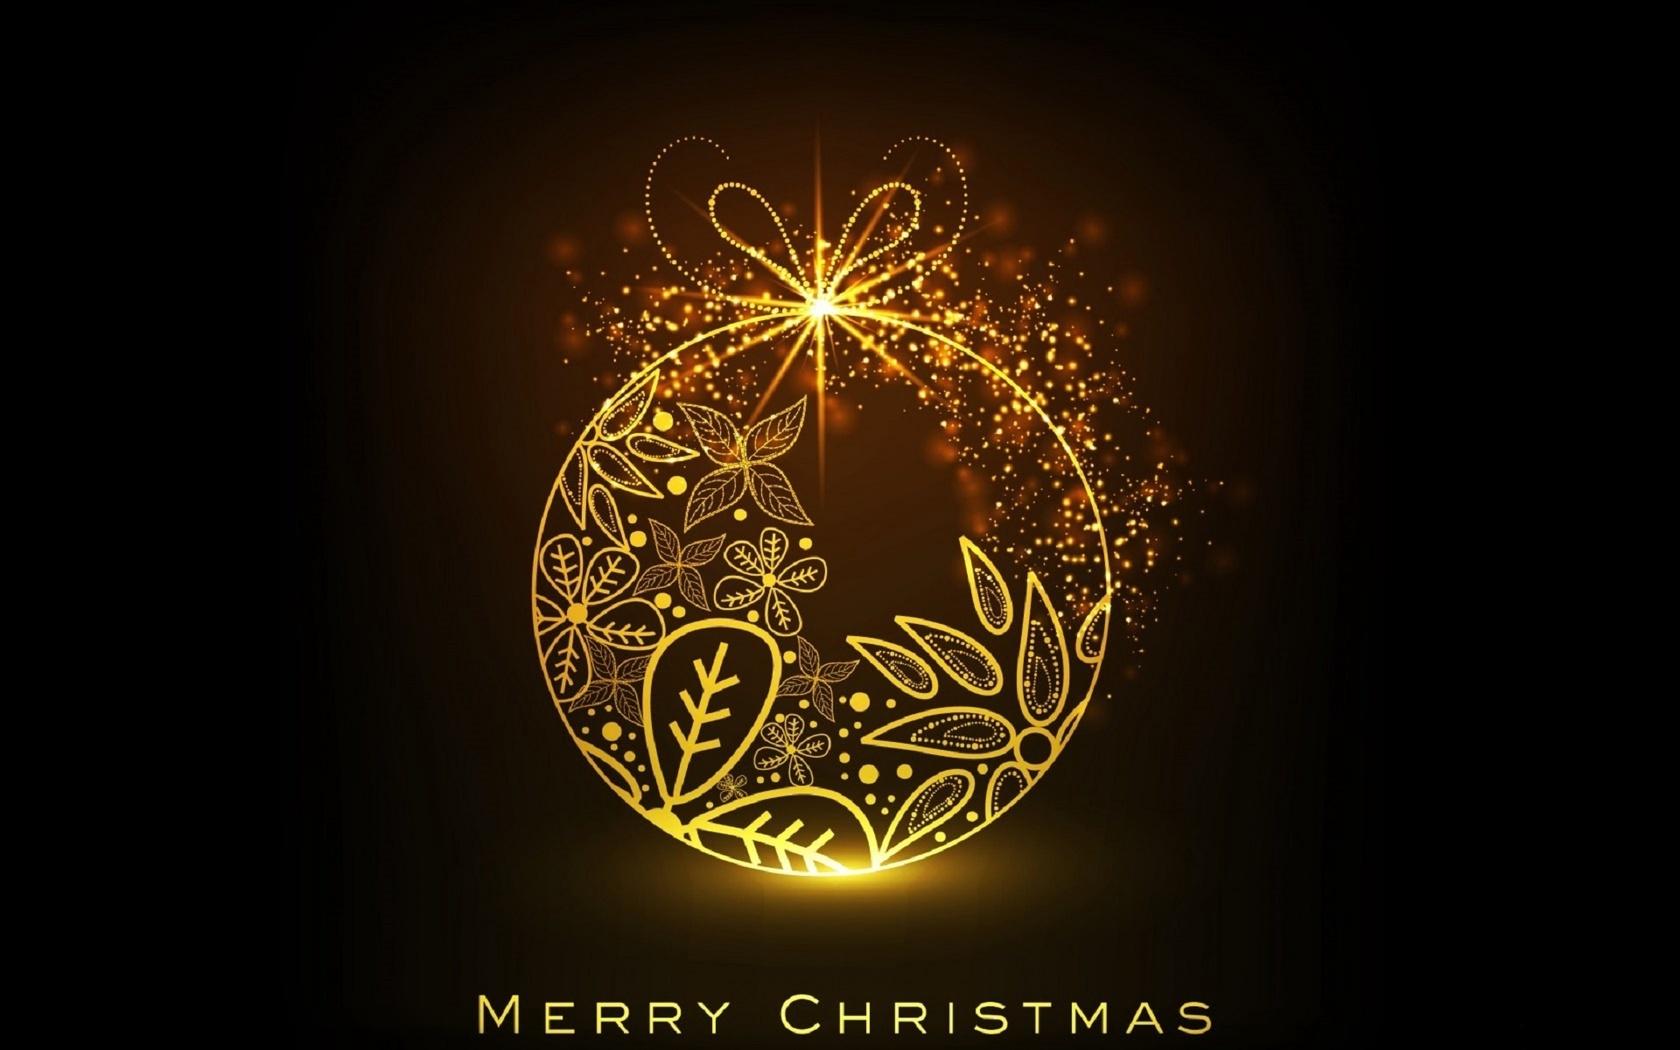 Стильная открытка с новым годом и рождеством